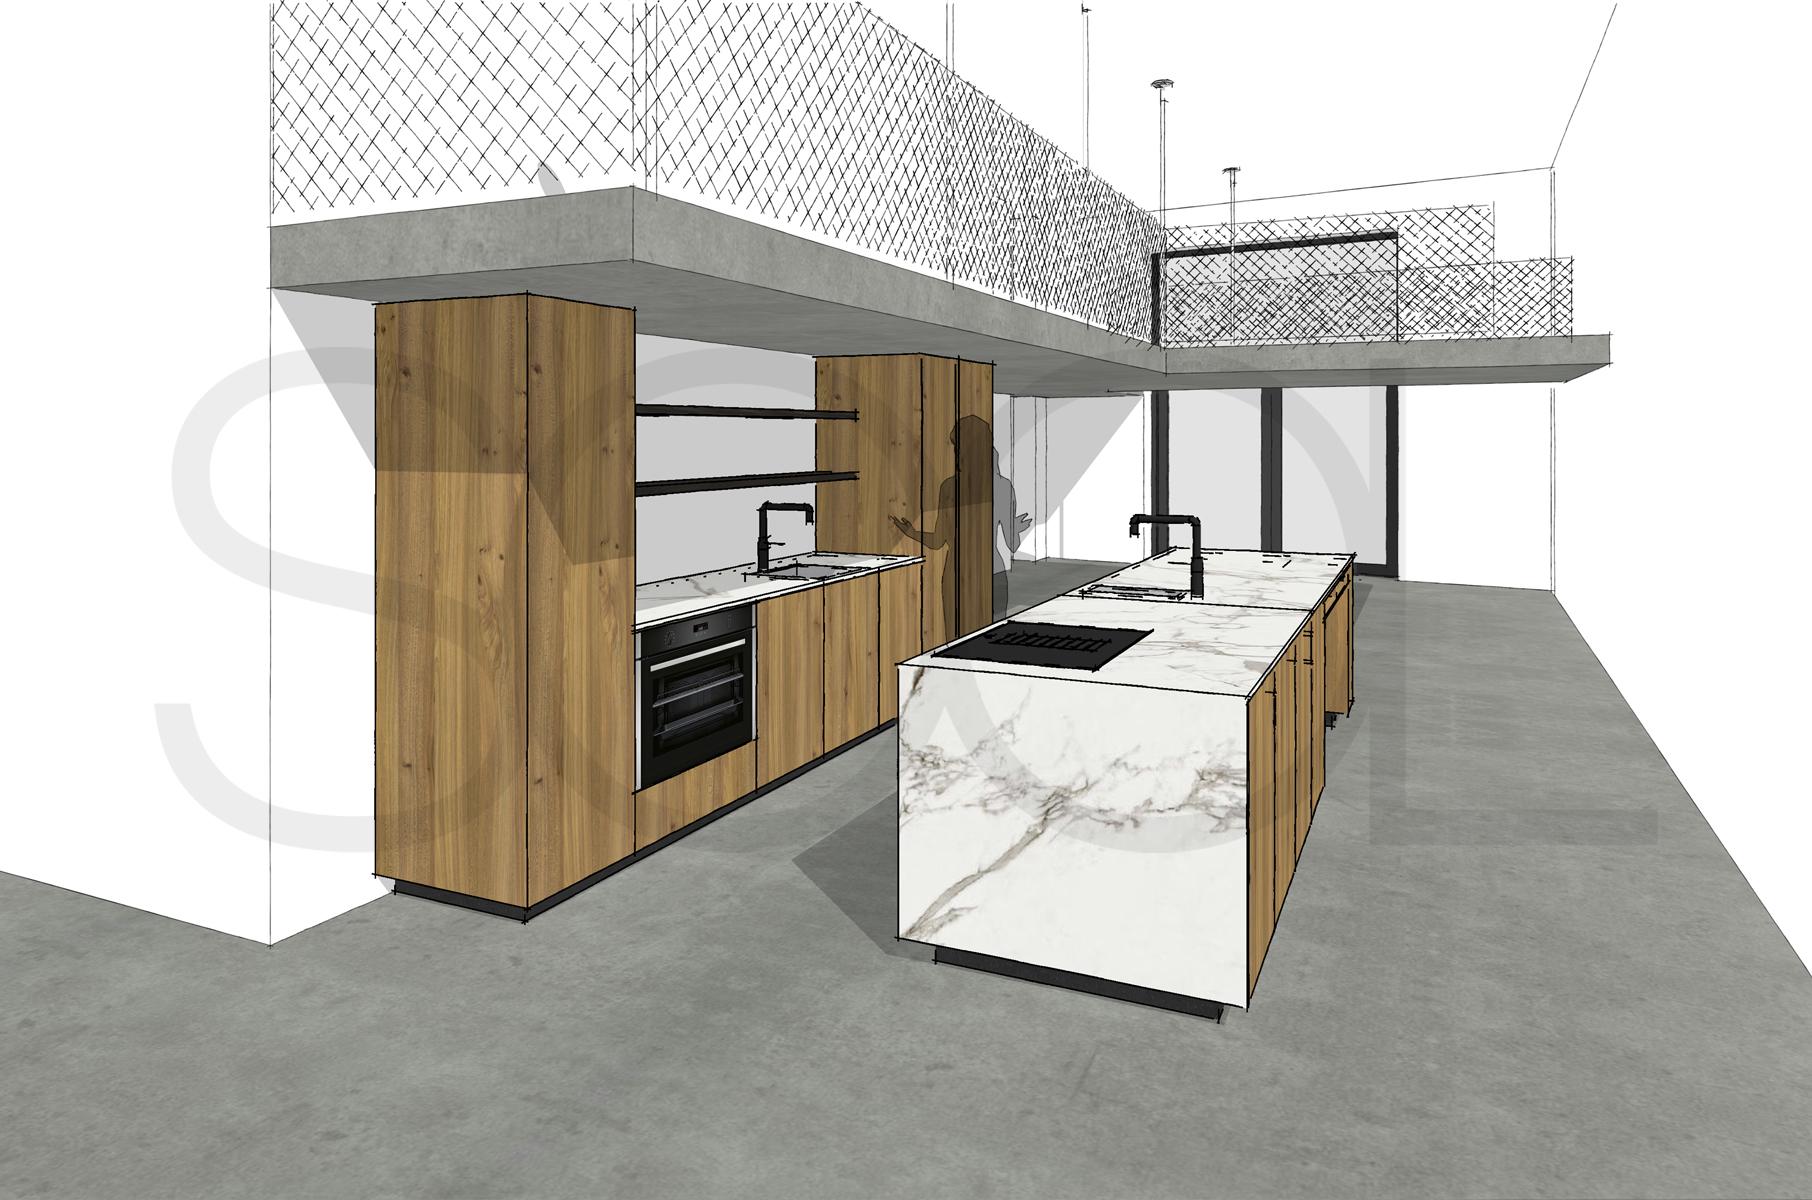 Keuken iepenhout Amsterdam